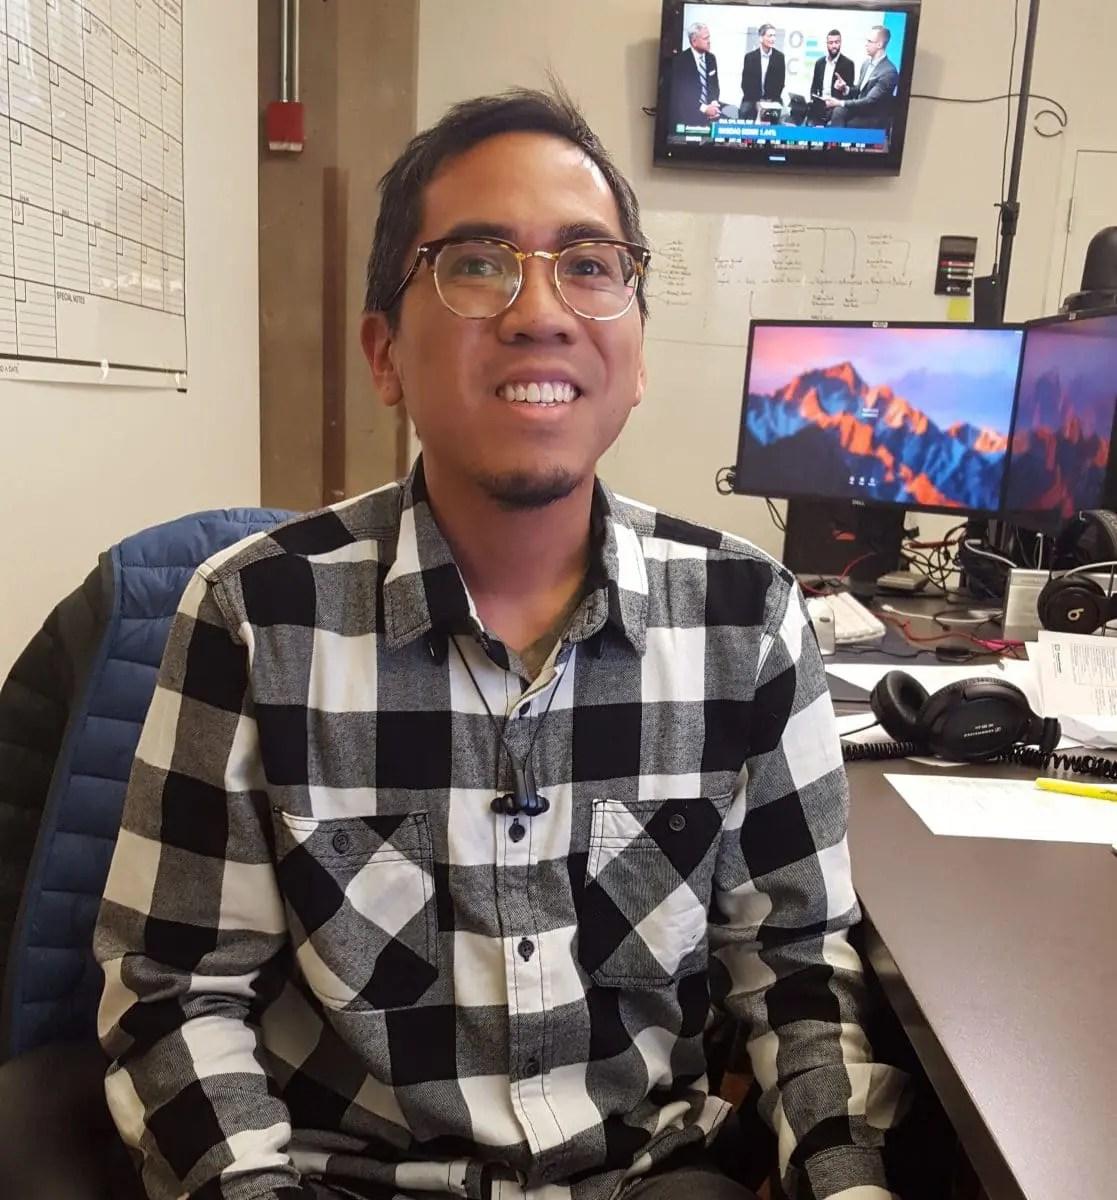 Ryan Aquino